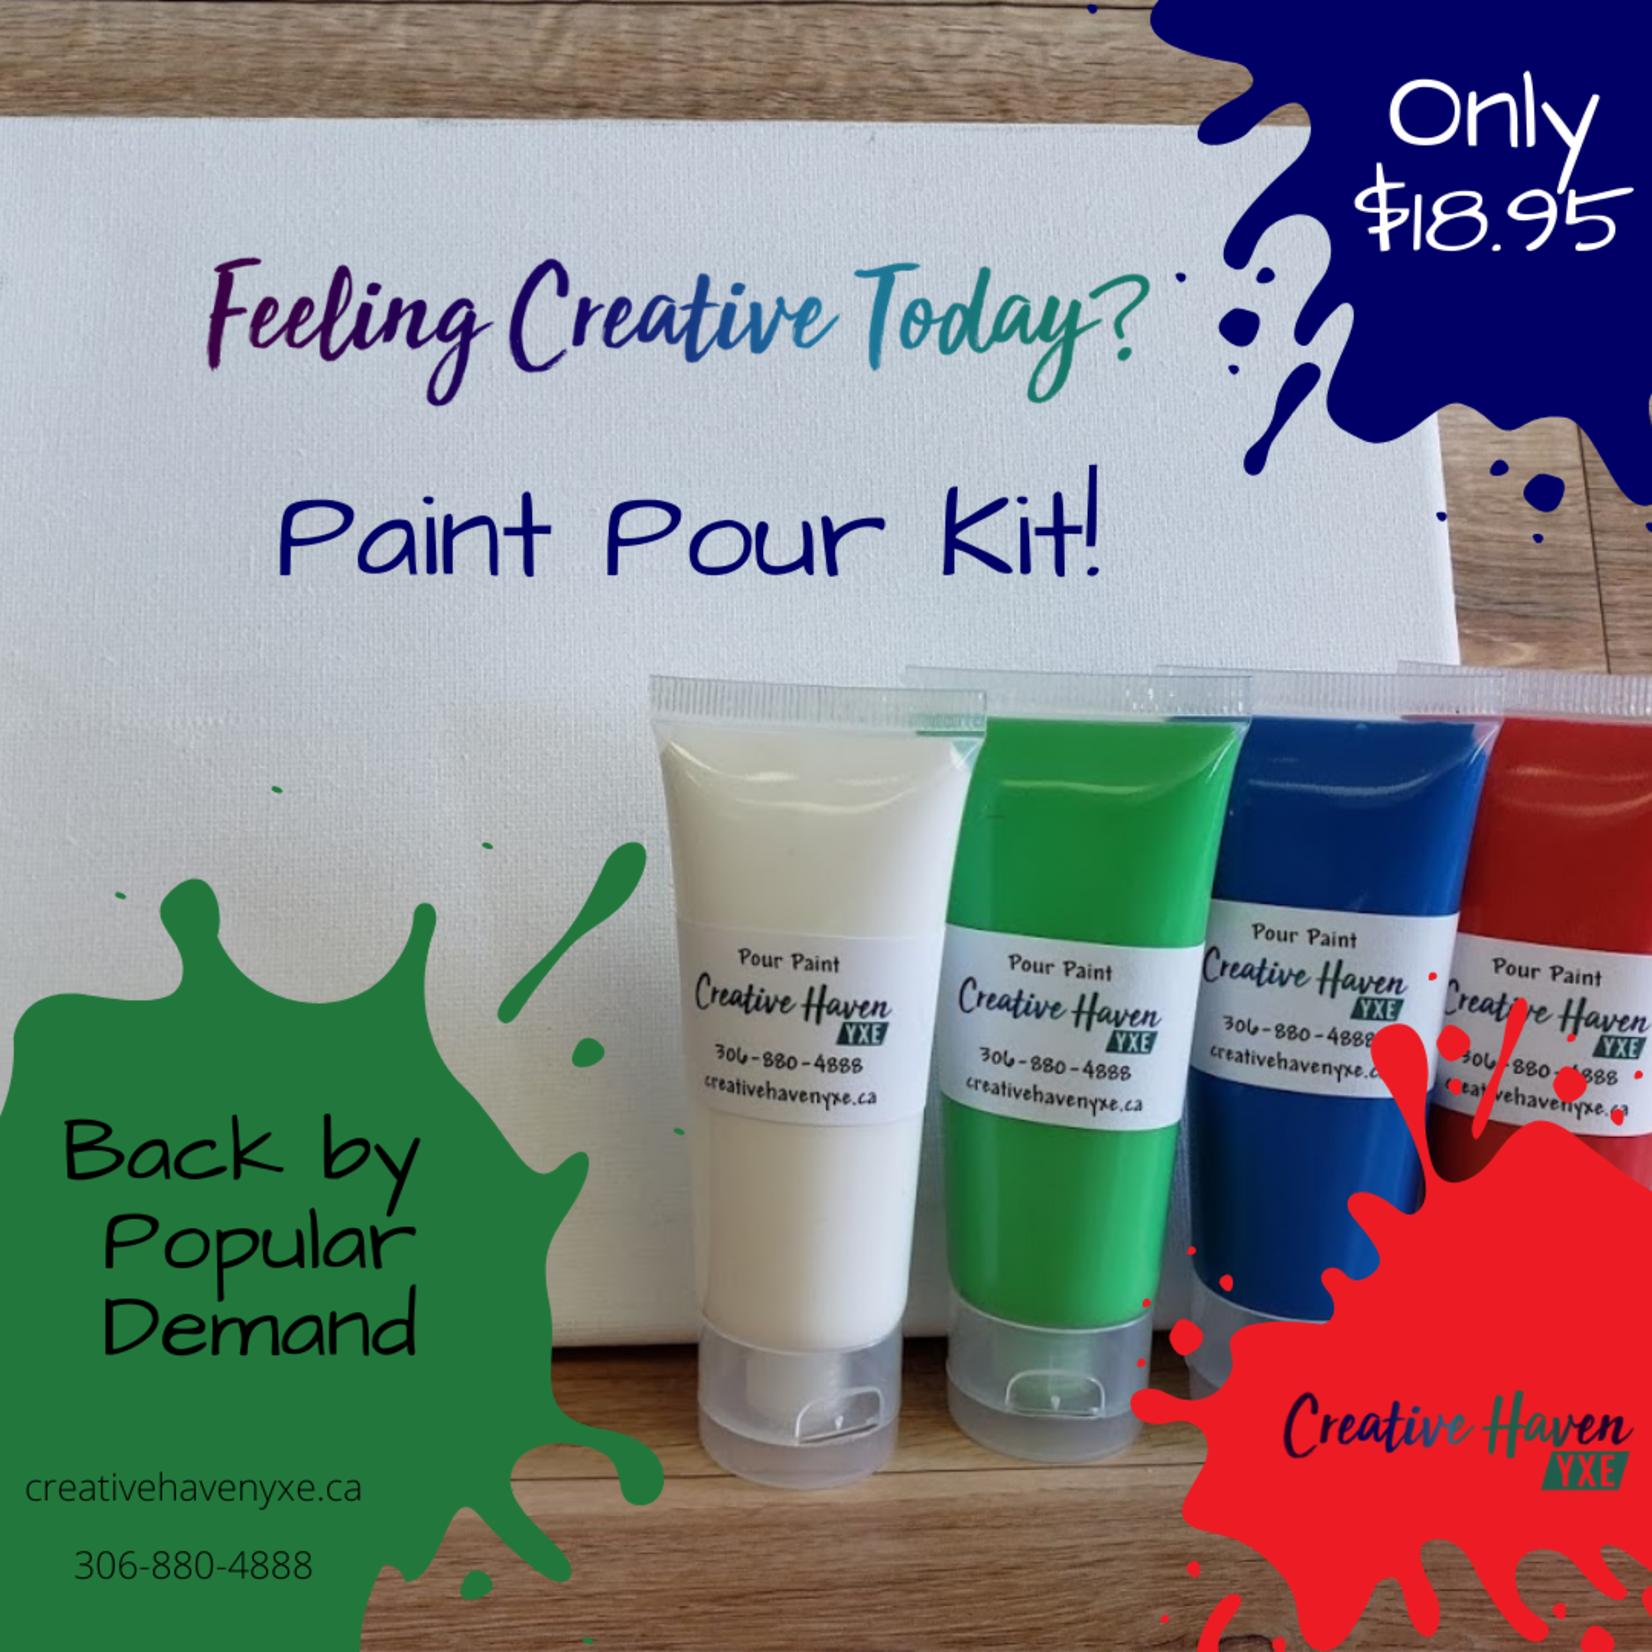 Paint Pour Kit